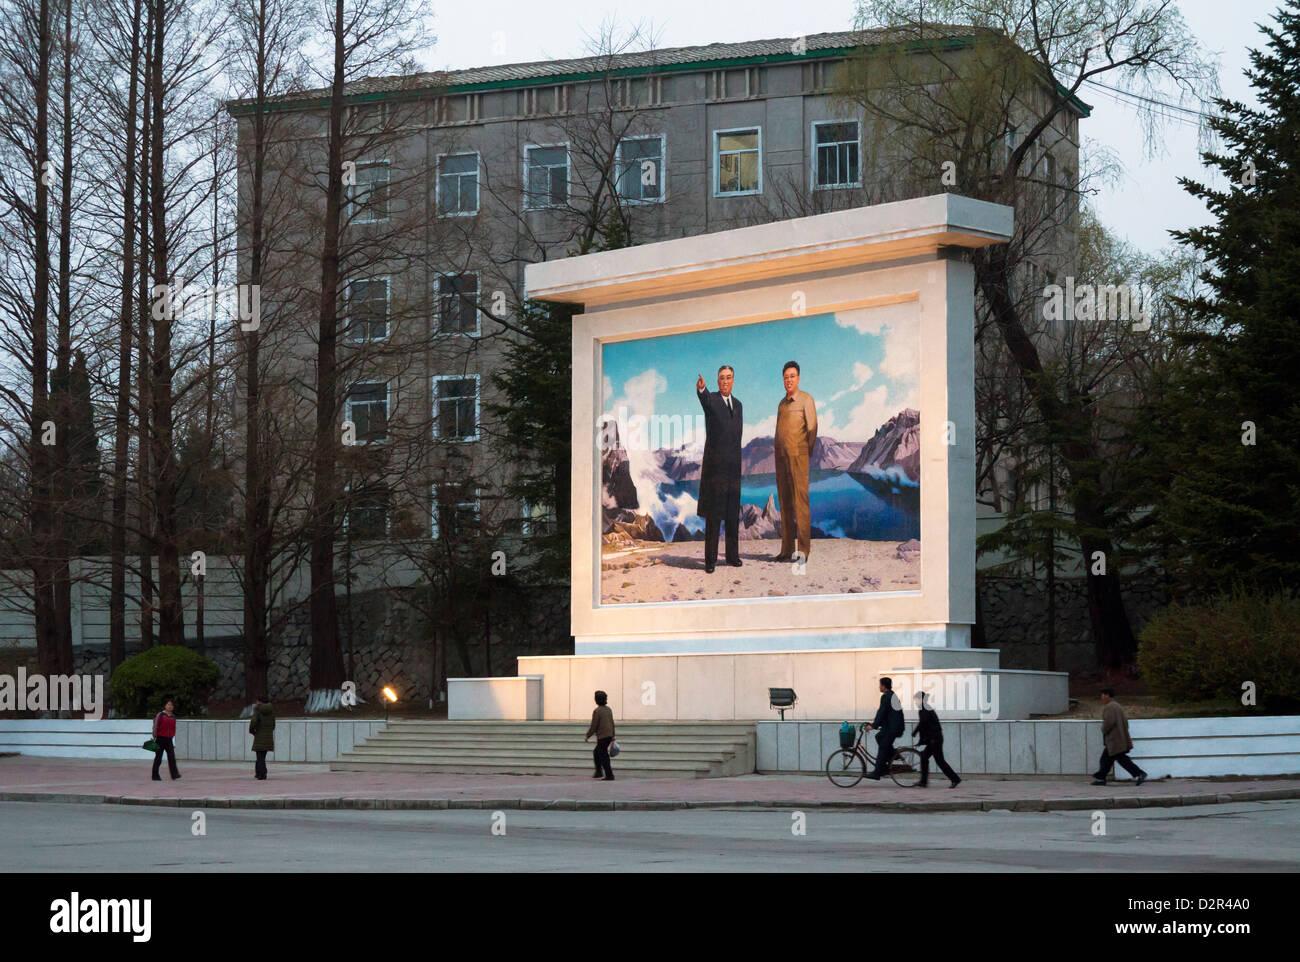 La ciudad de Wonsan, Mar Oriental de Corea, República Popular Democrática de Corea (RPDC), Corea del Norte, Imagen De Stock